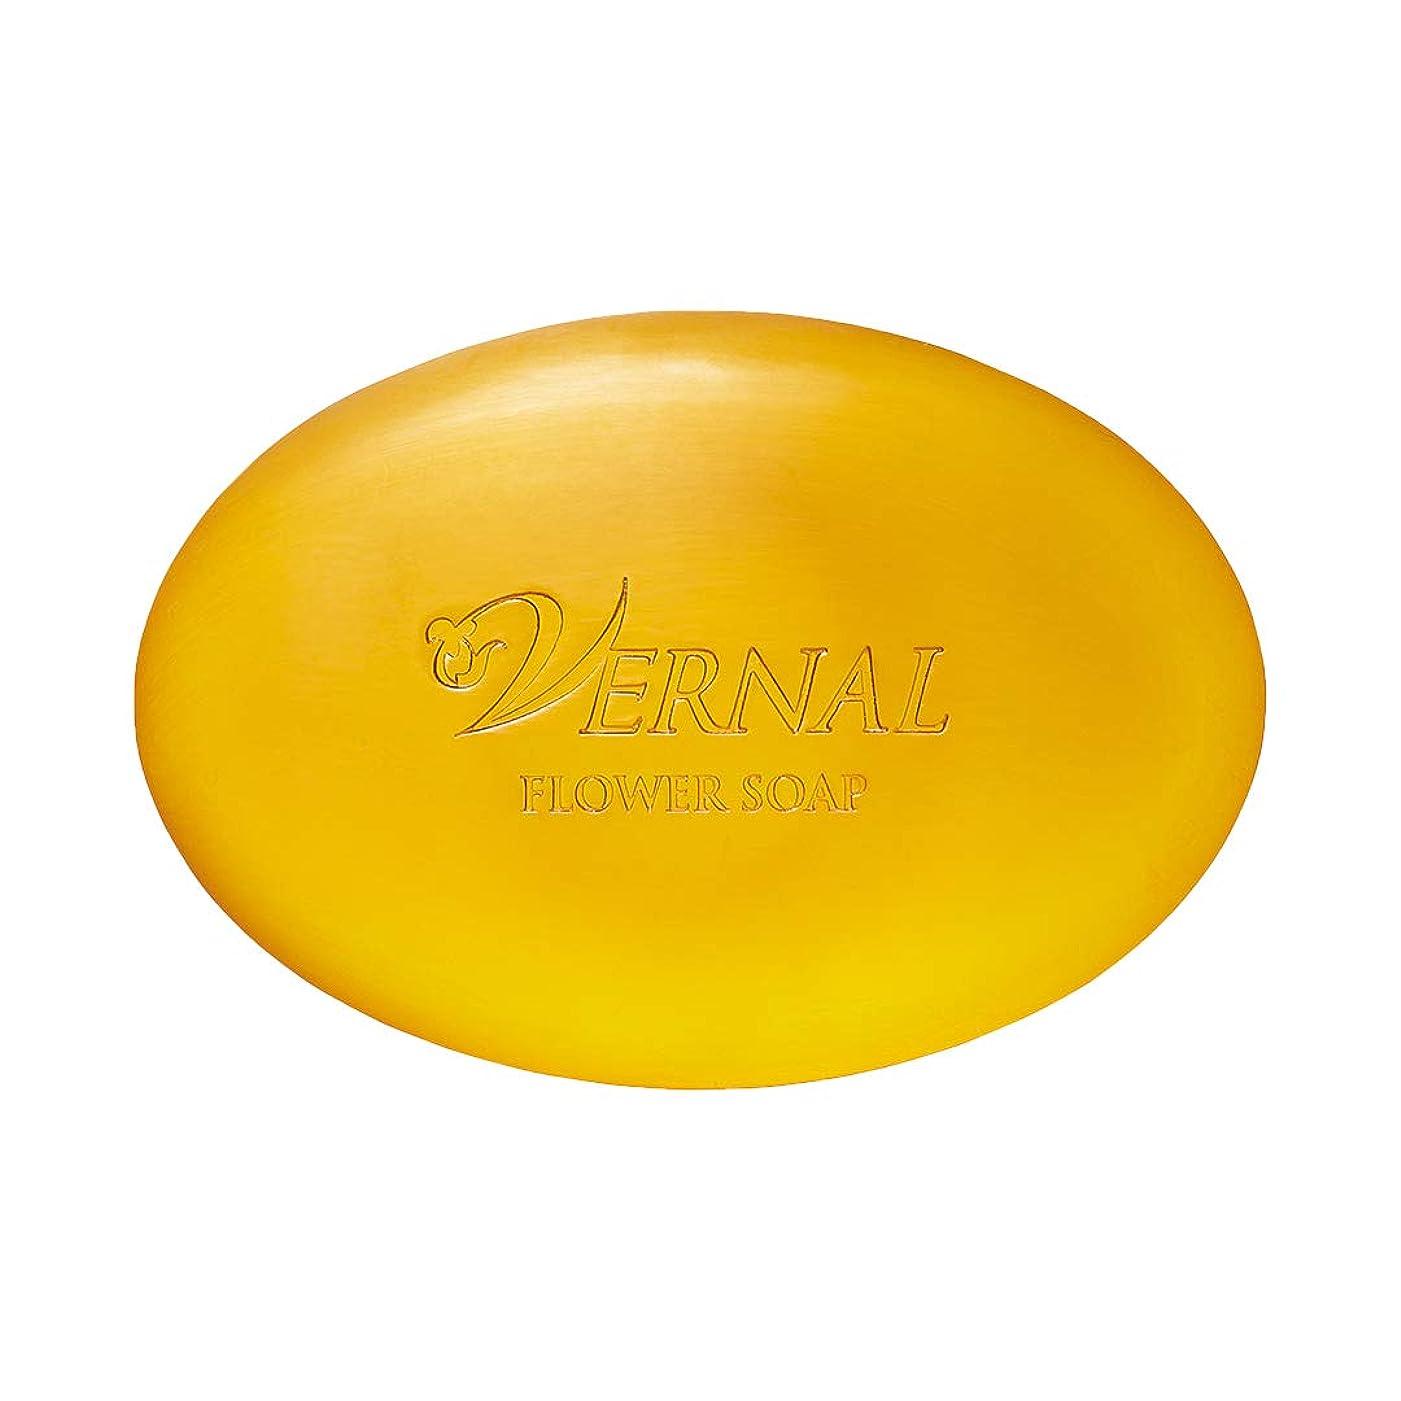 無視できる性能ホバートフラワーソープ110g ヴァーナル 洗顔石鹸 オーガニック 仕上げ用